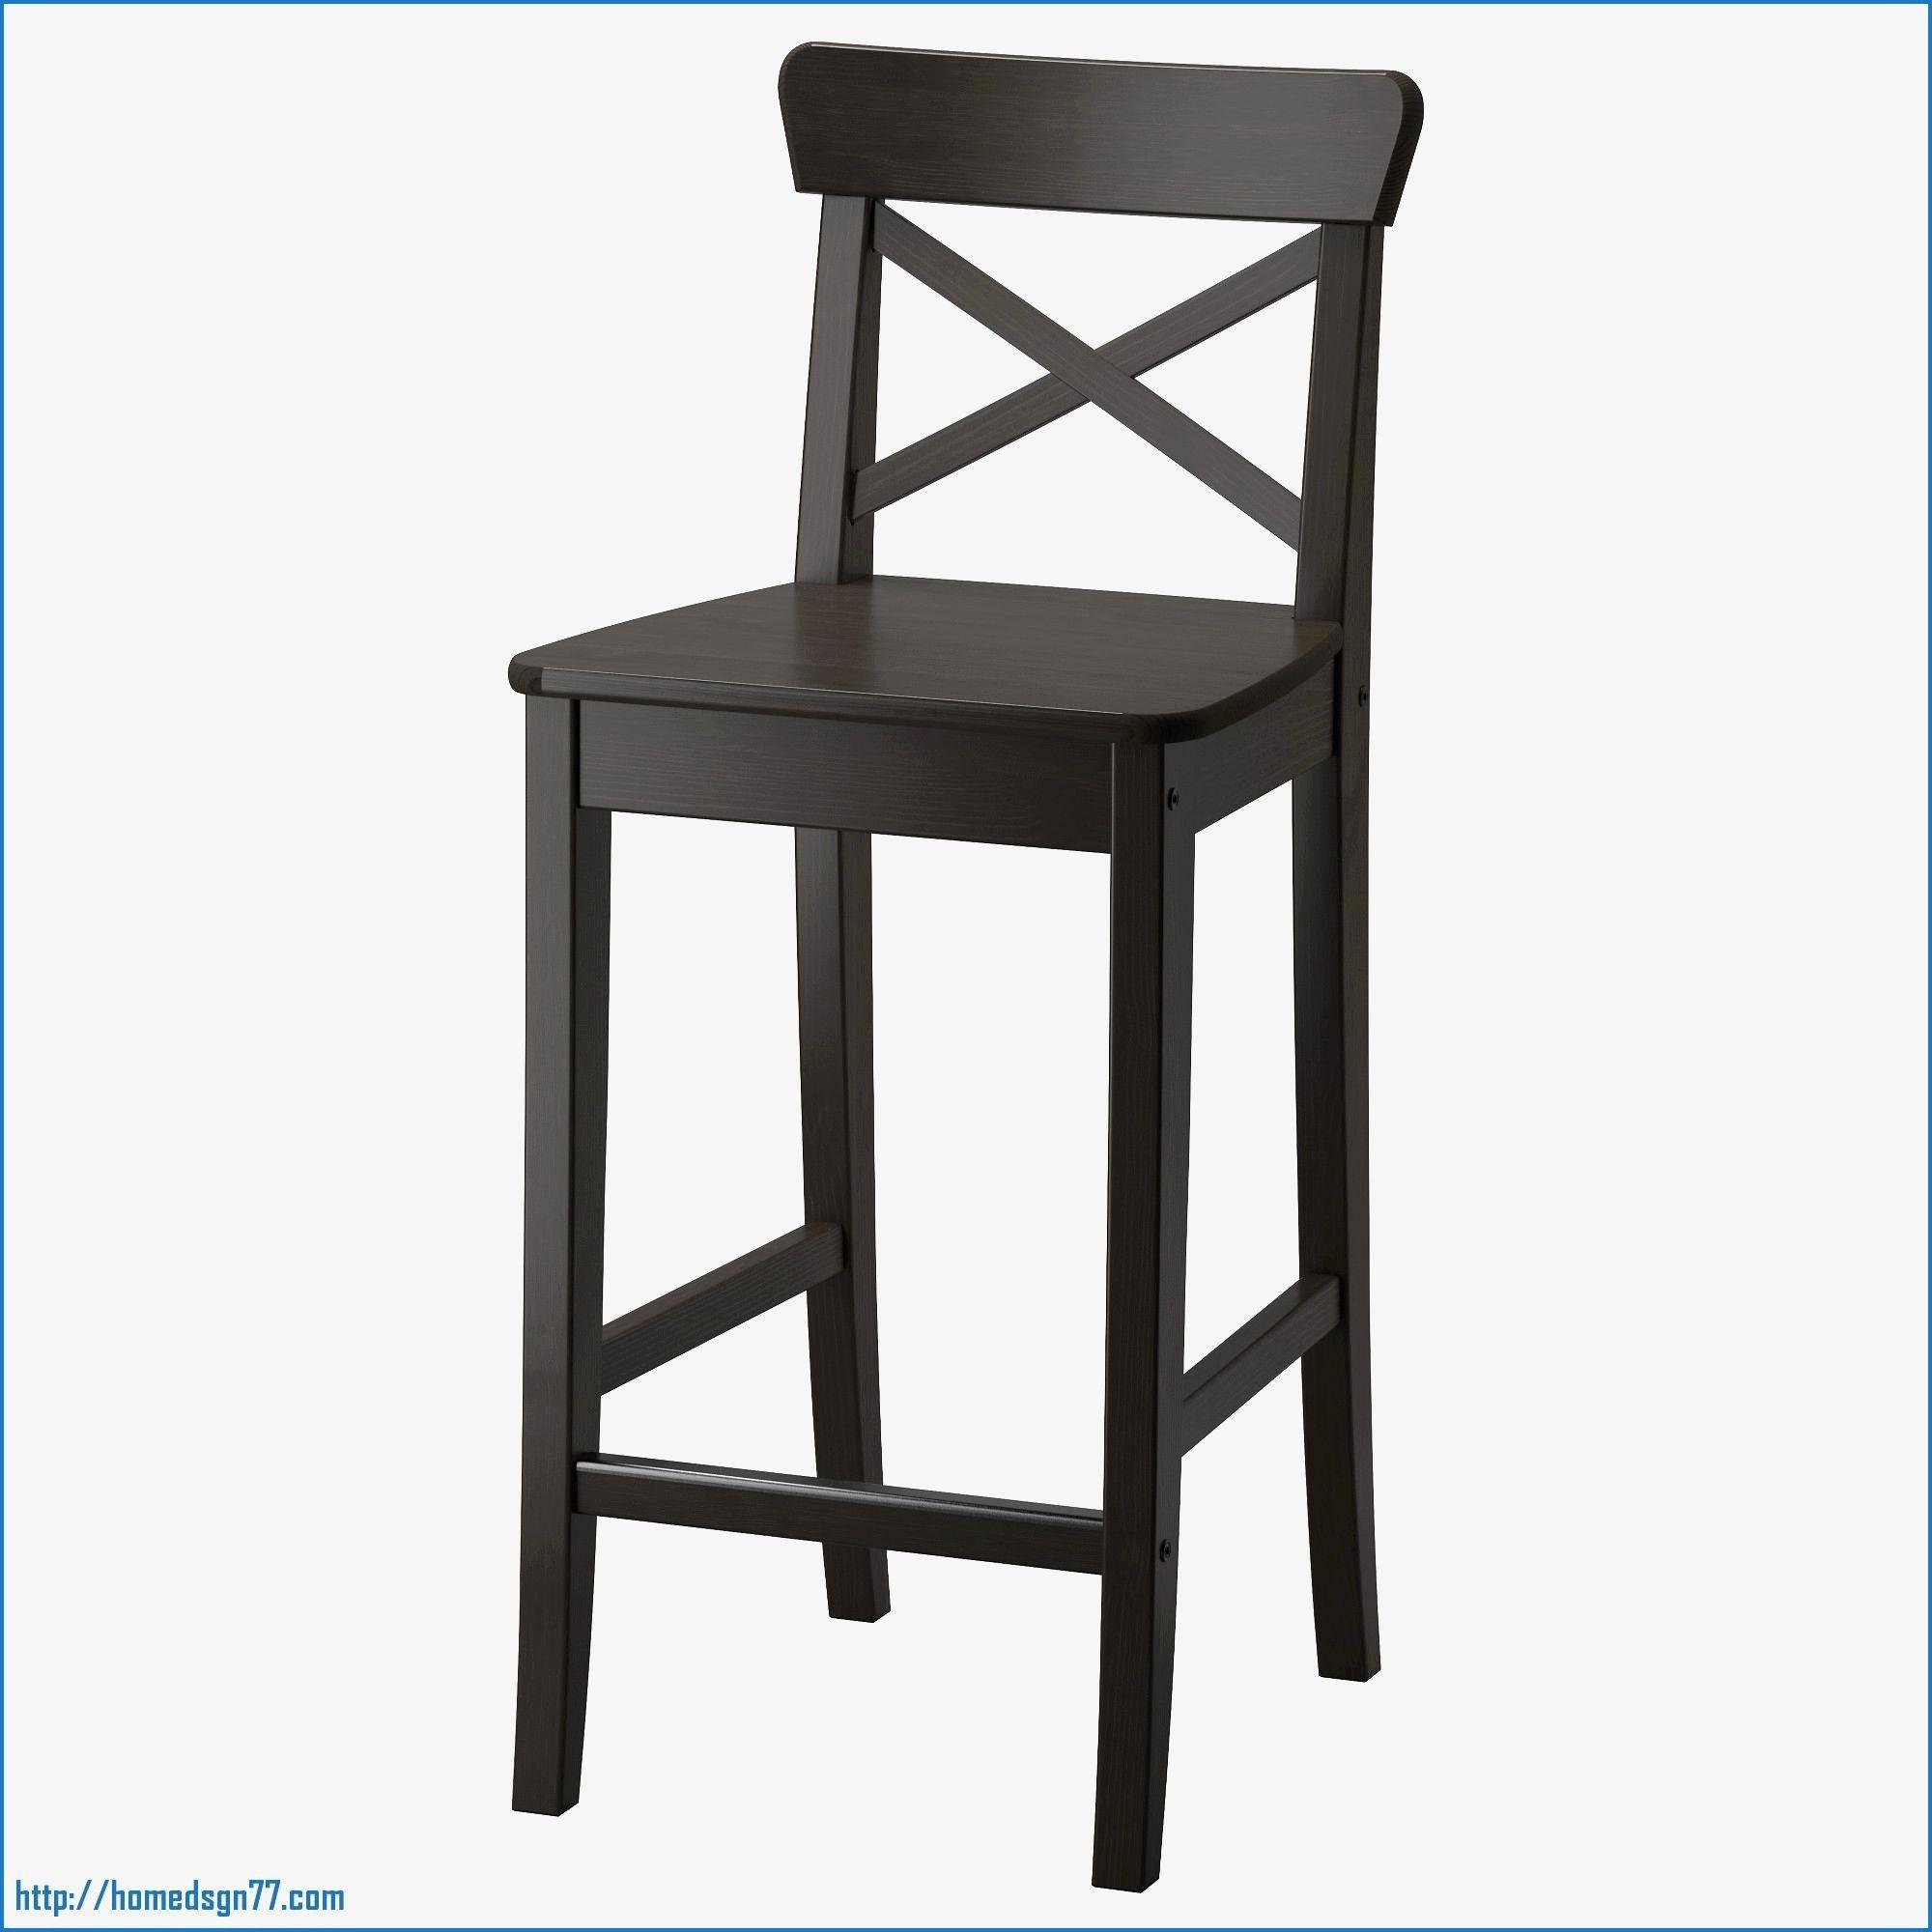 35 Unique Chaise De Bar Assise 65 Cm Recommandations Desain